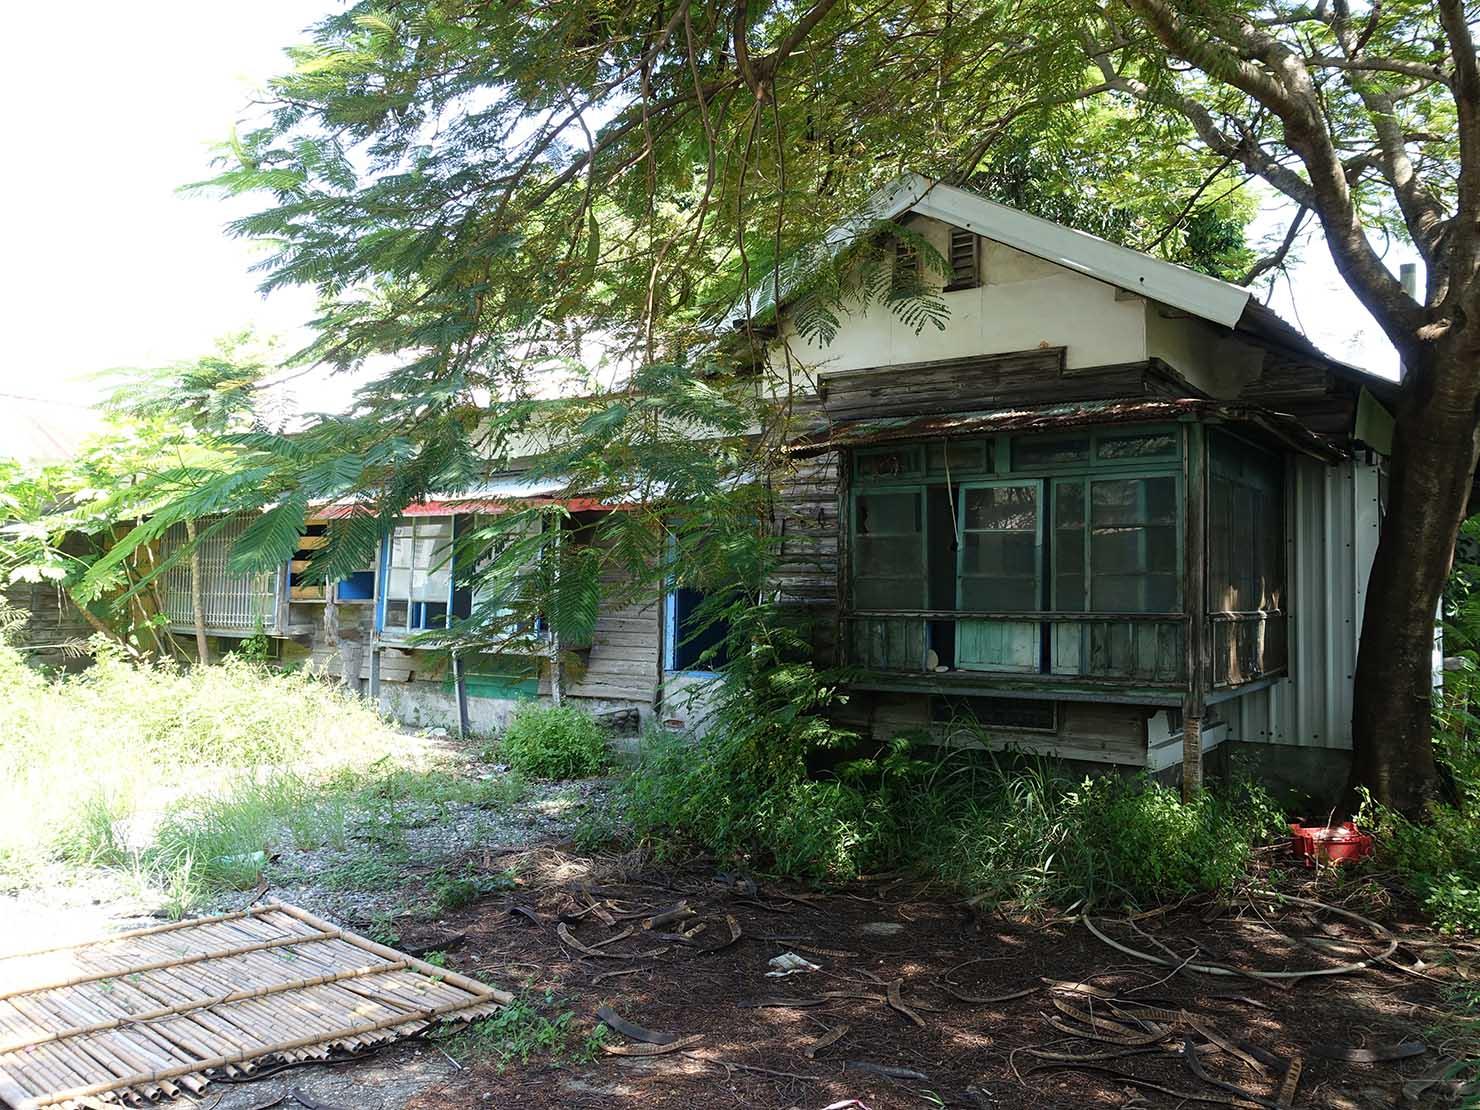 台東の観光スポット「寶町藝文中心」周辺に佇む日本家屋